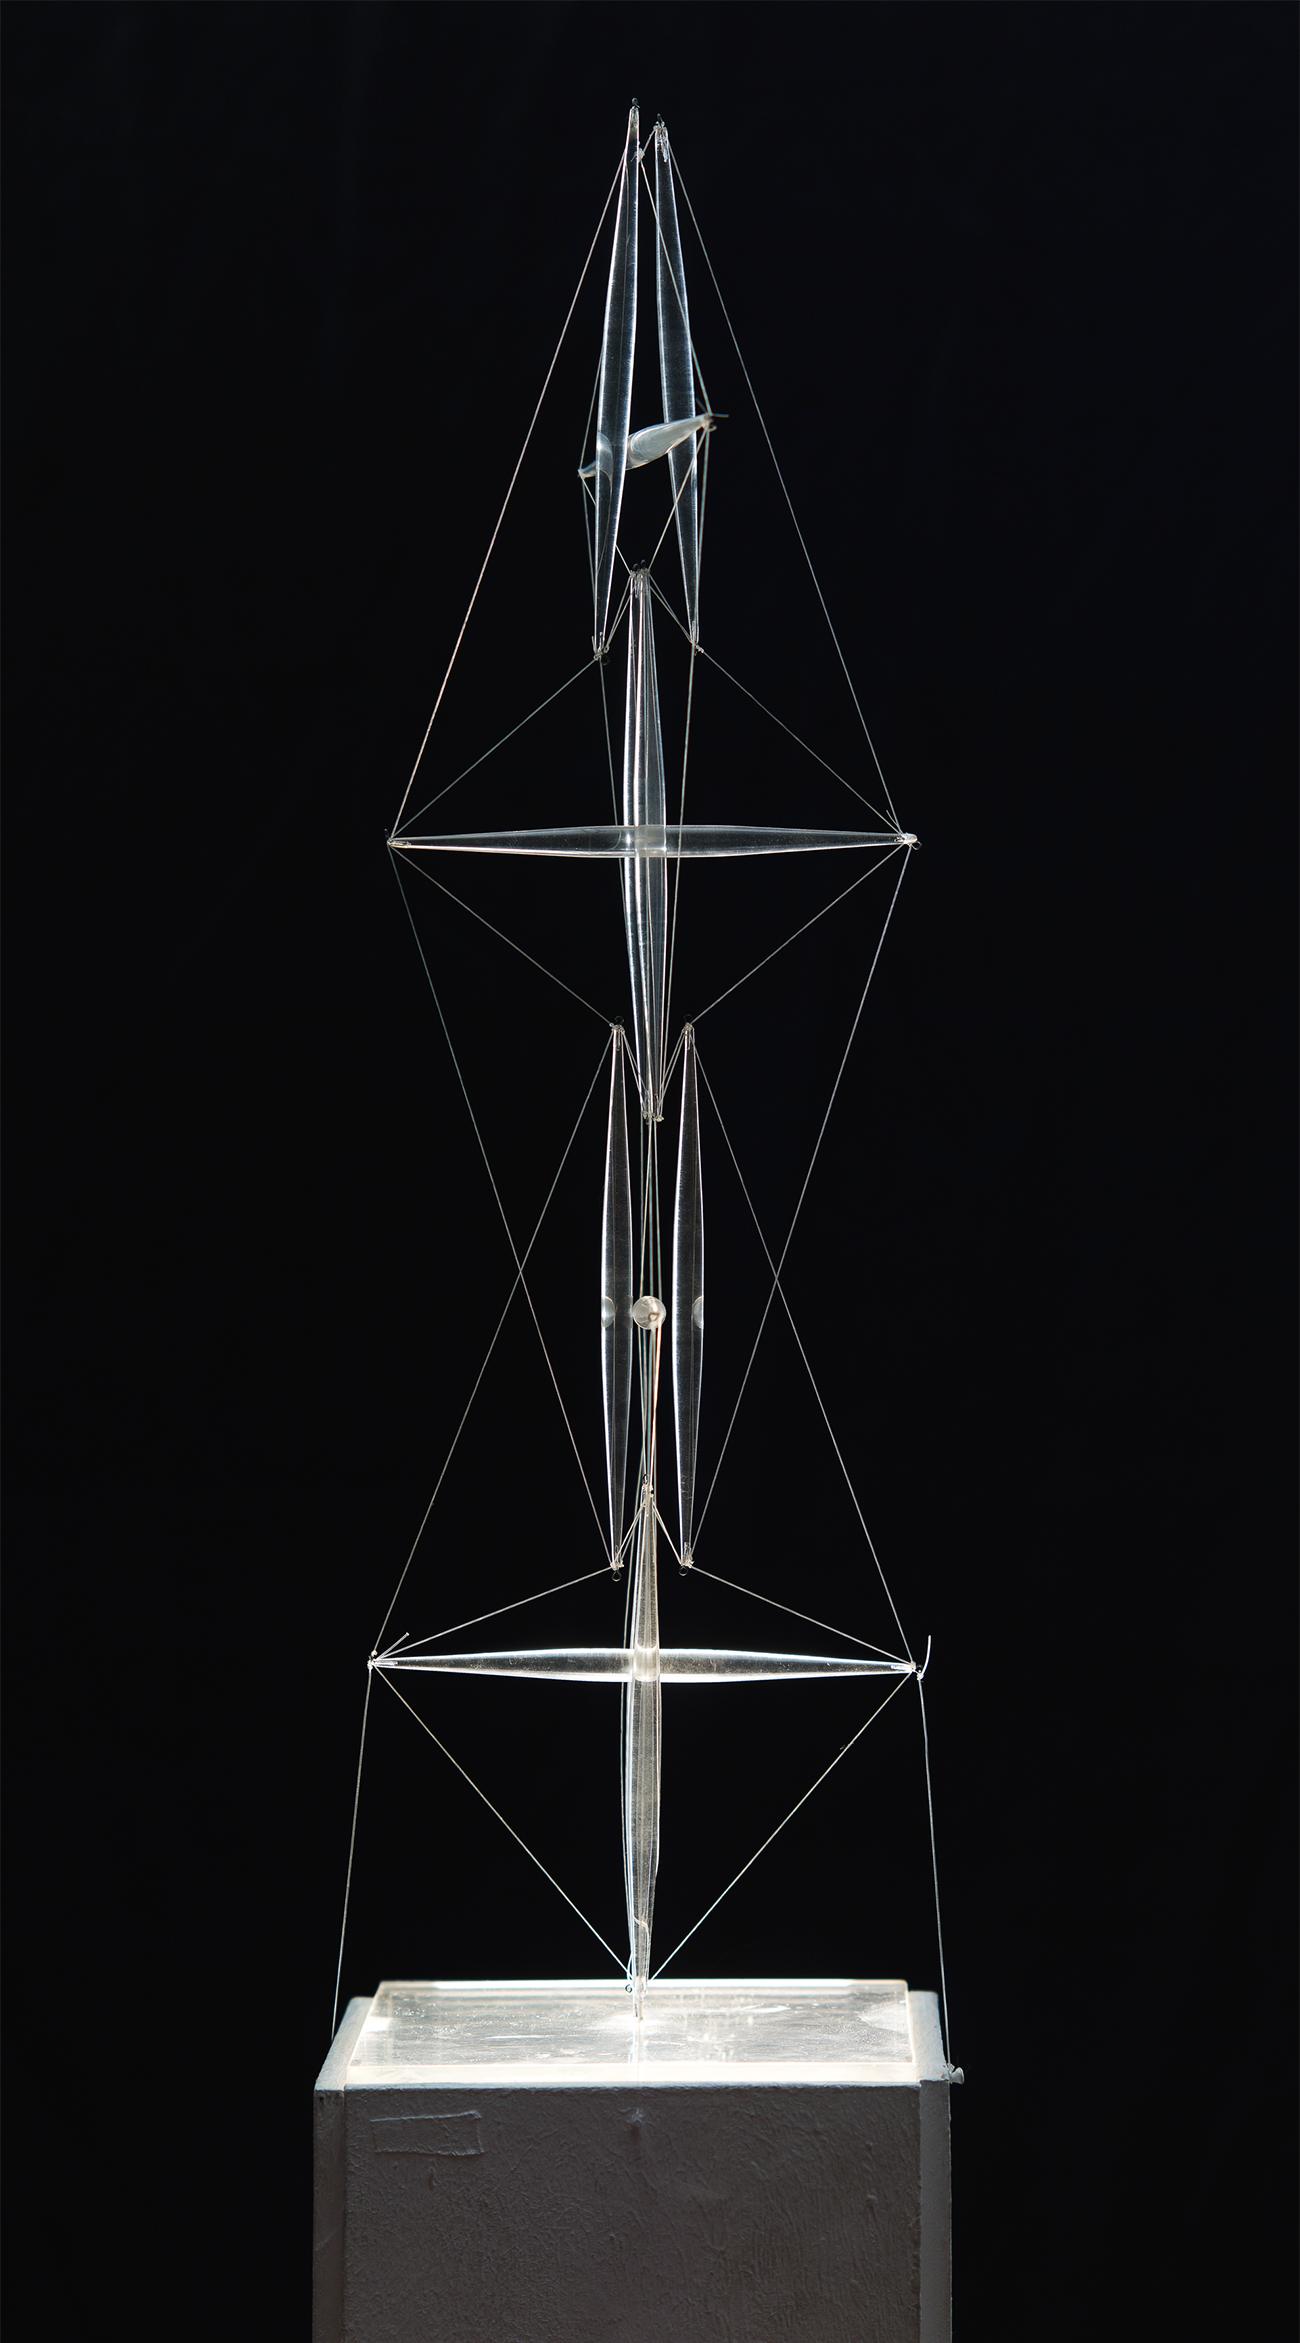 Viacheslav Koleichuk. Mast. 1966 / State Tretyakov Gallery